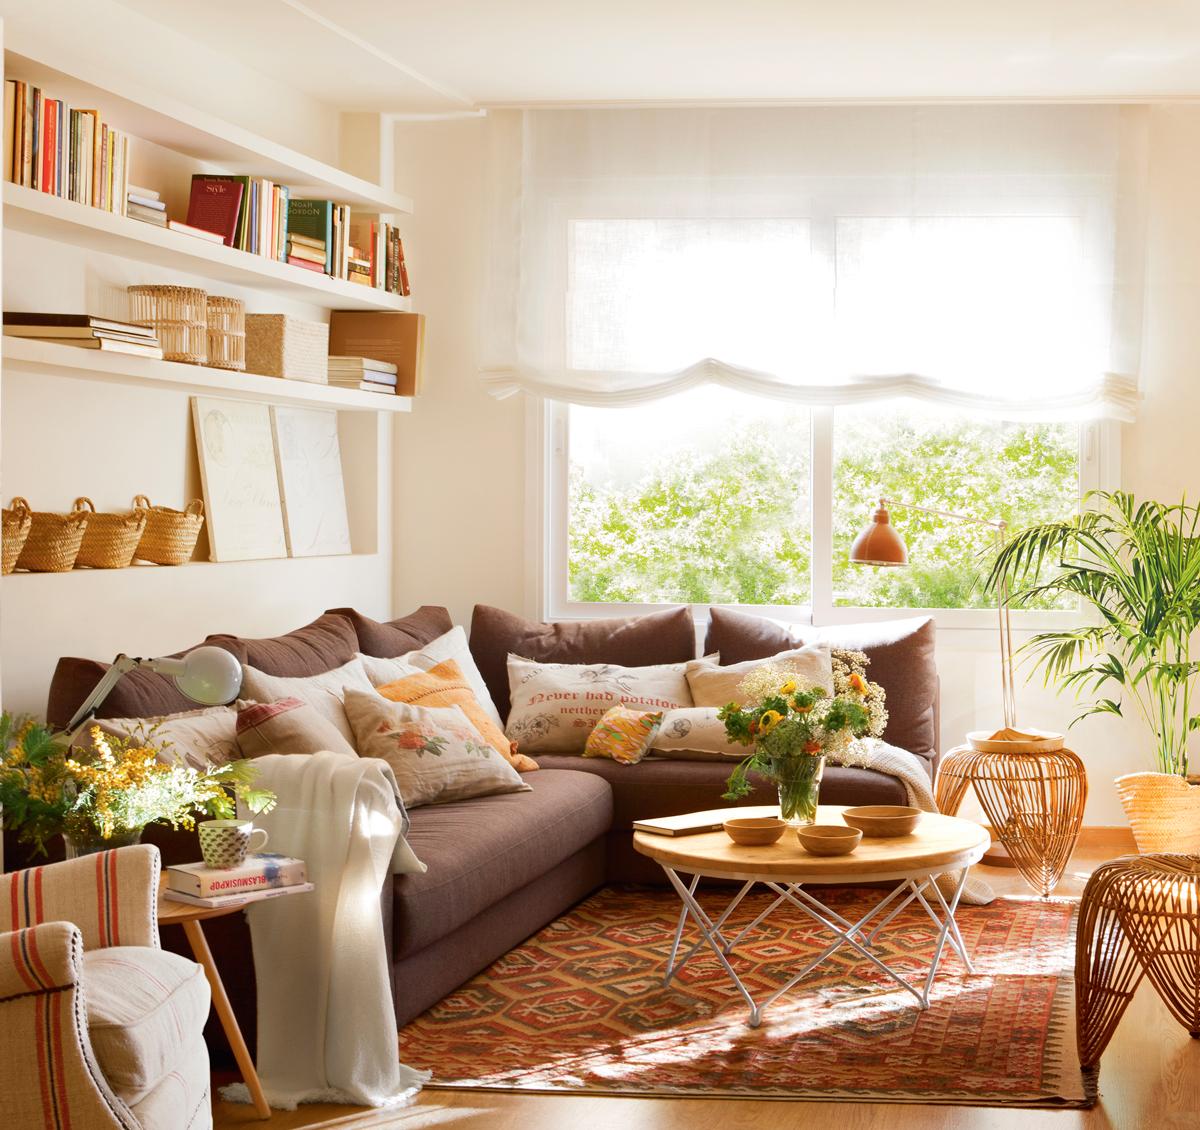 10 ideas geniales para salones peque os - Muebles de mimbre pintados ...